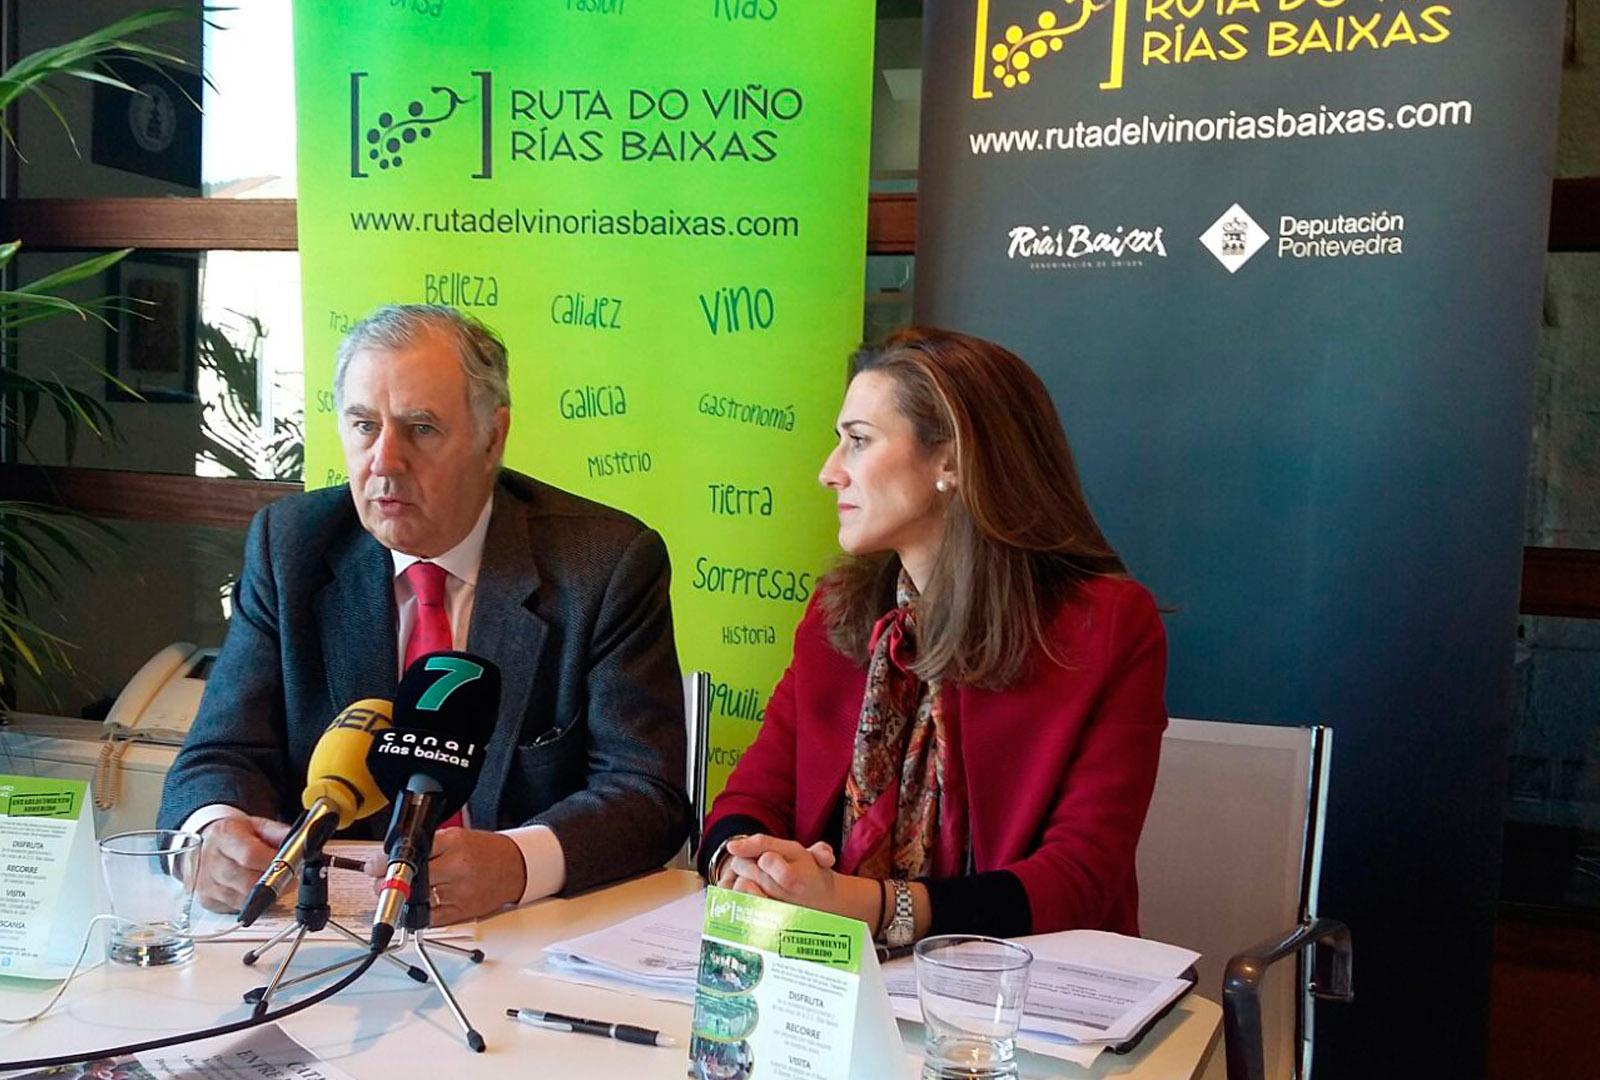 Programa especial del 20 aniversario Rías Baixas.